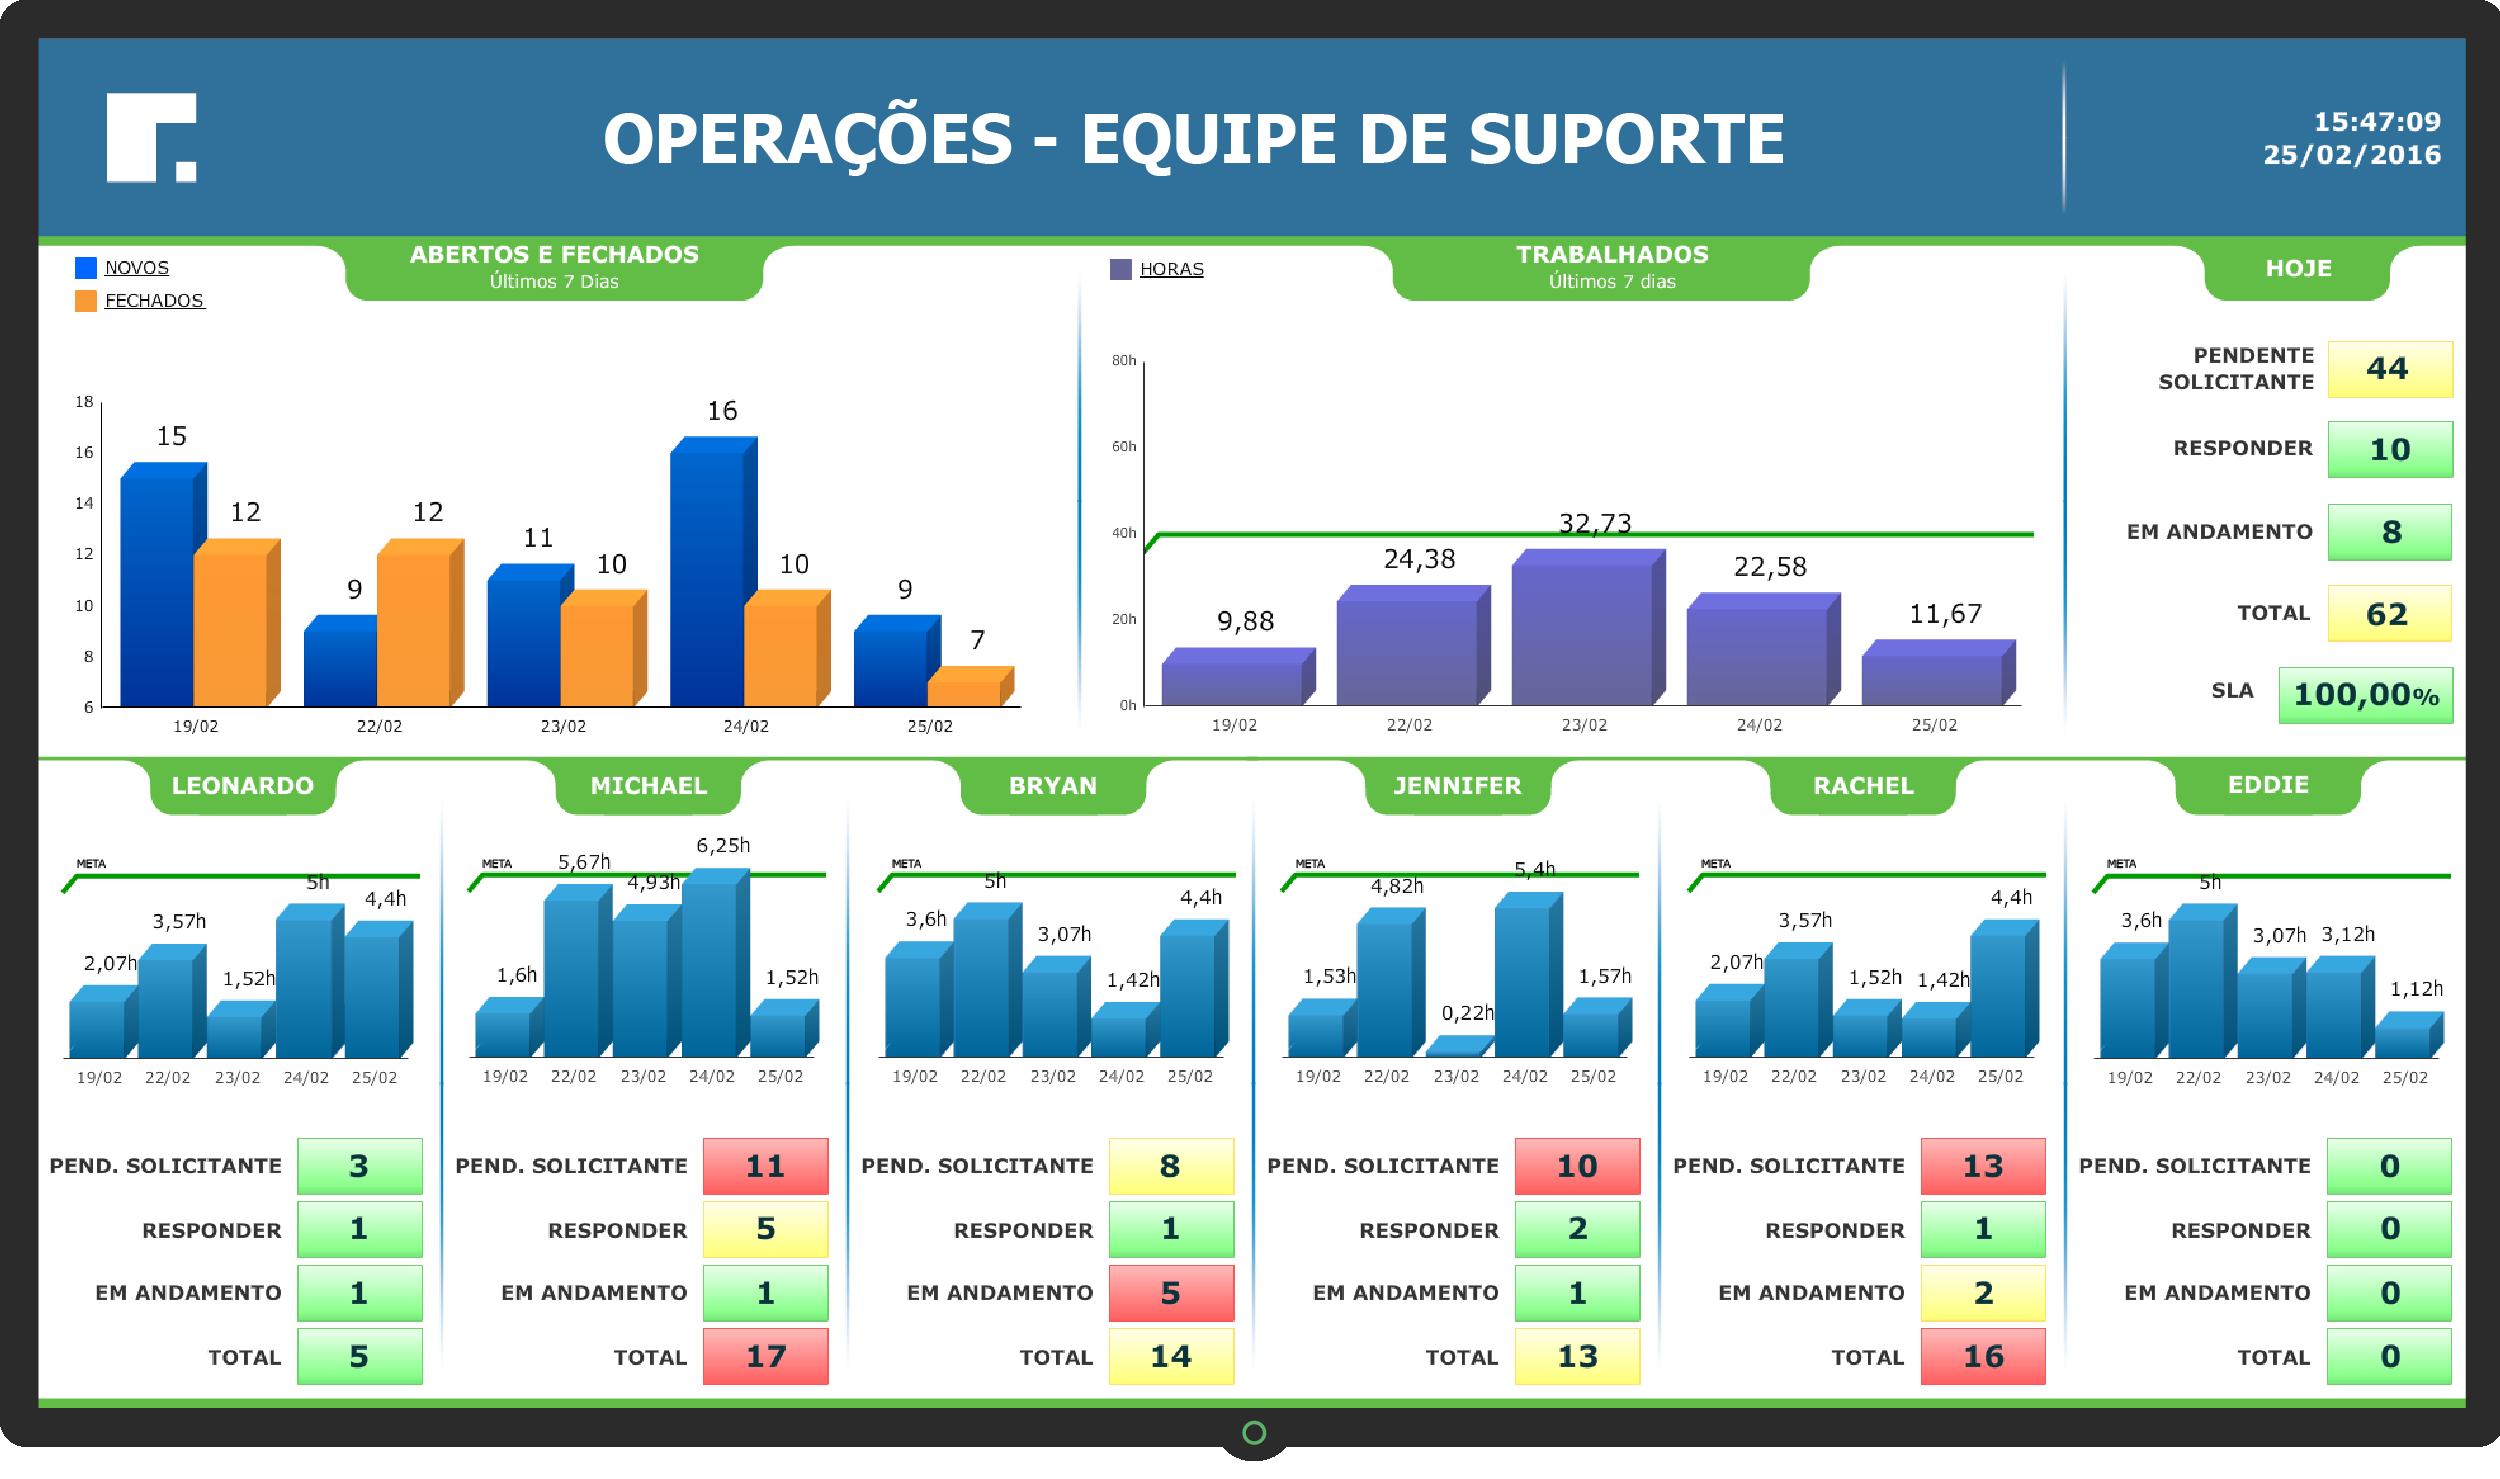 Dashboard de Operações - equipe de suporte